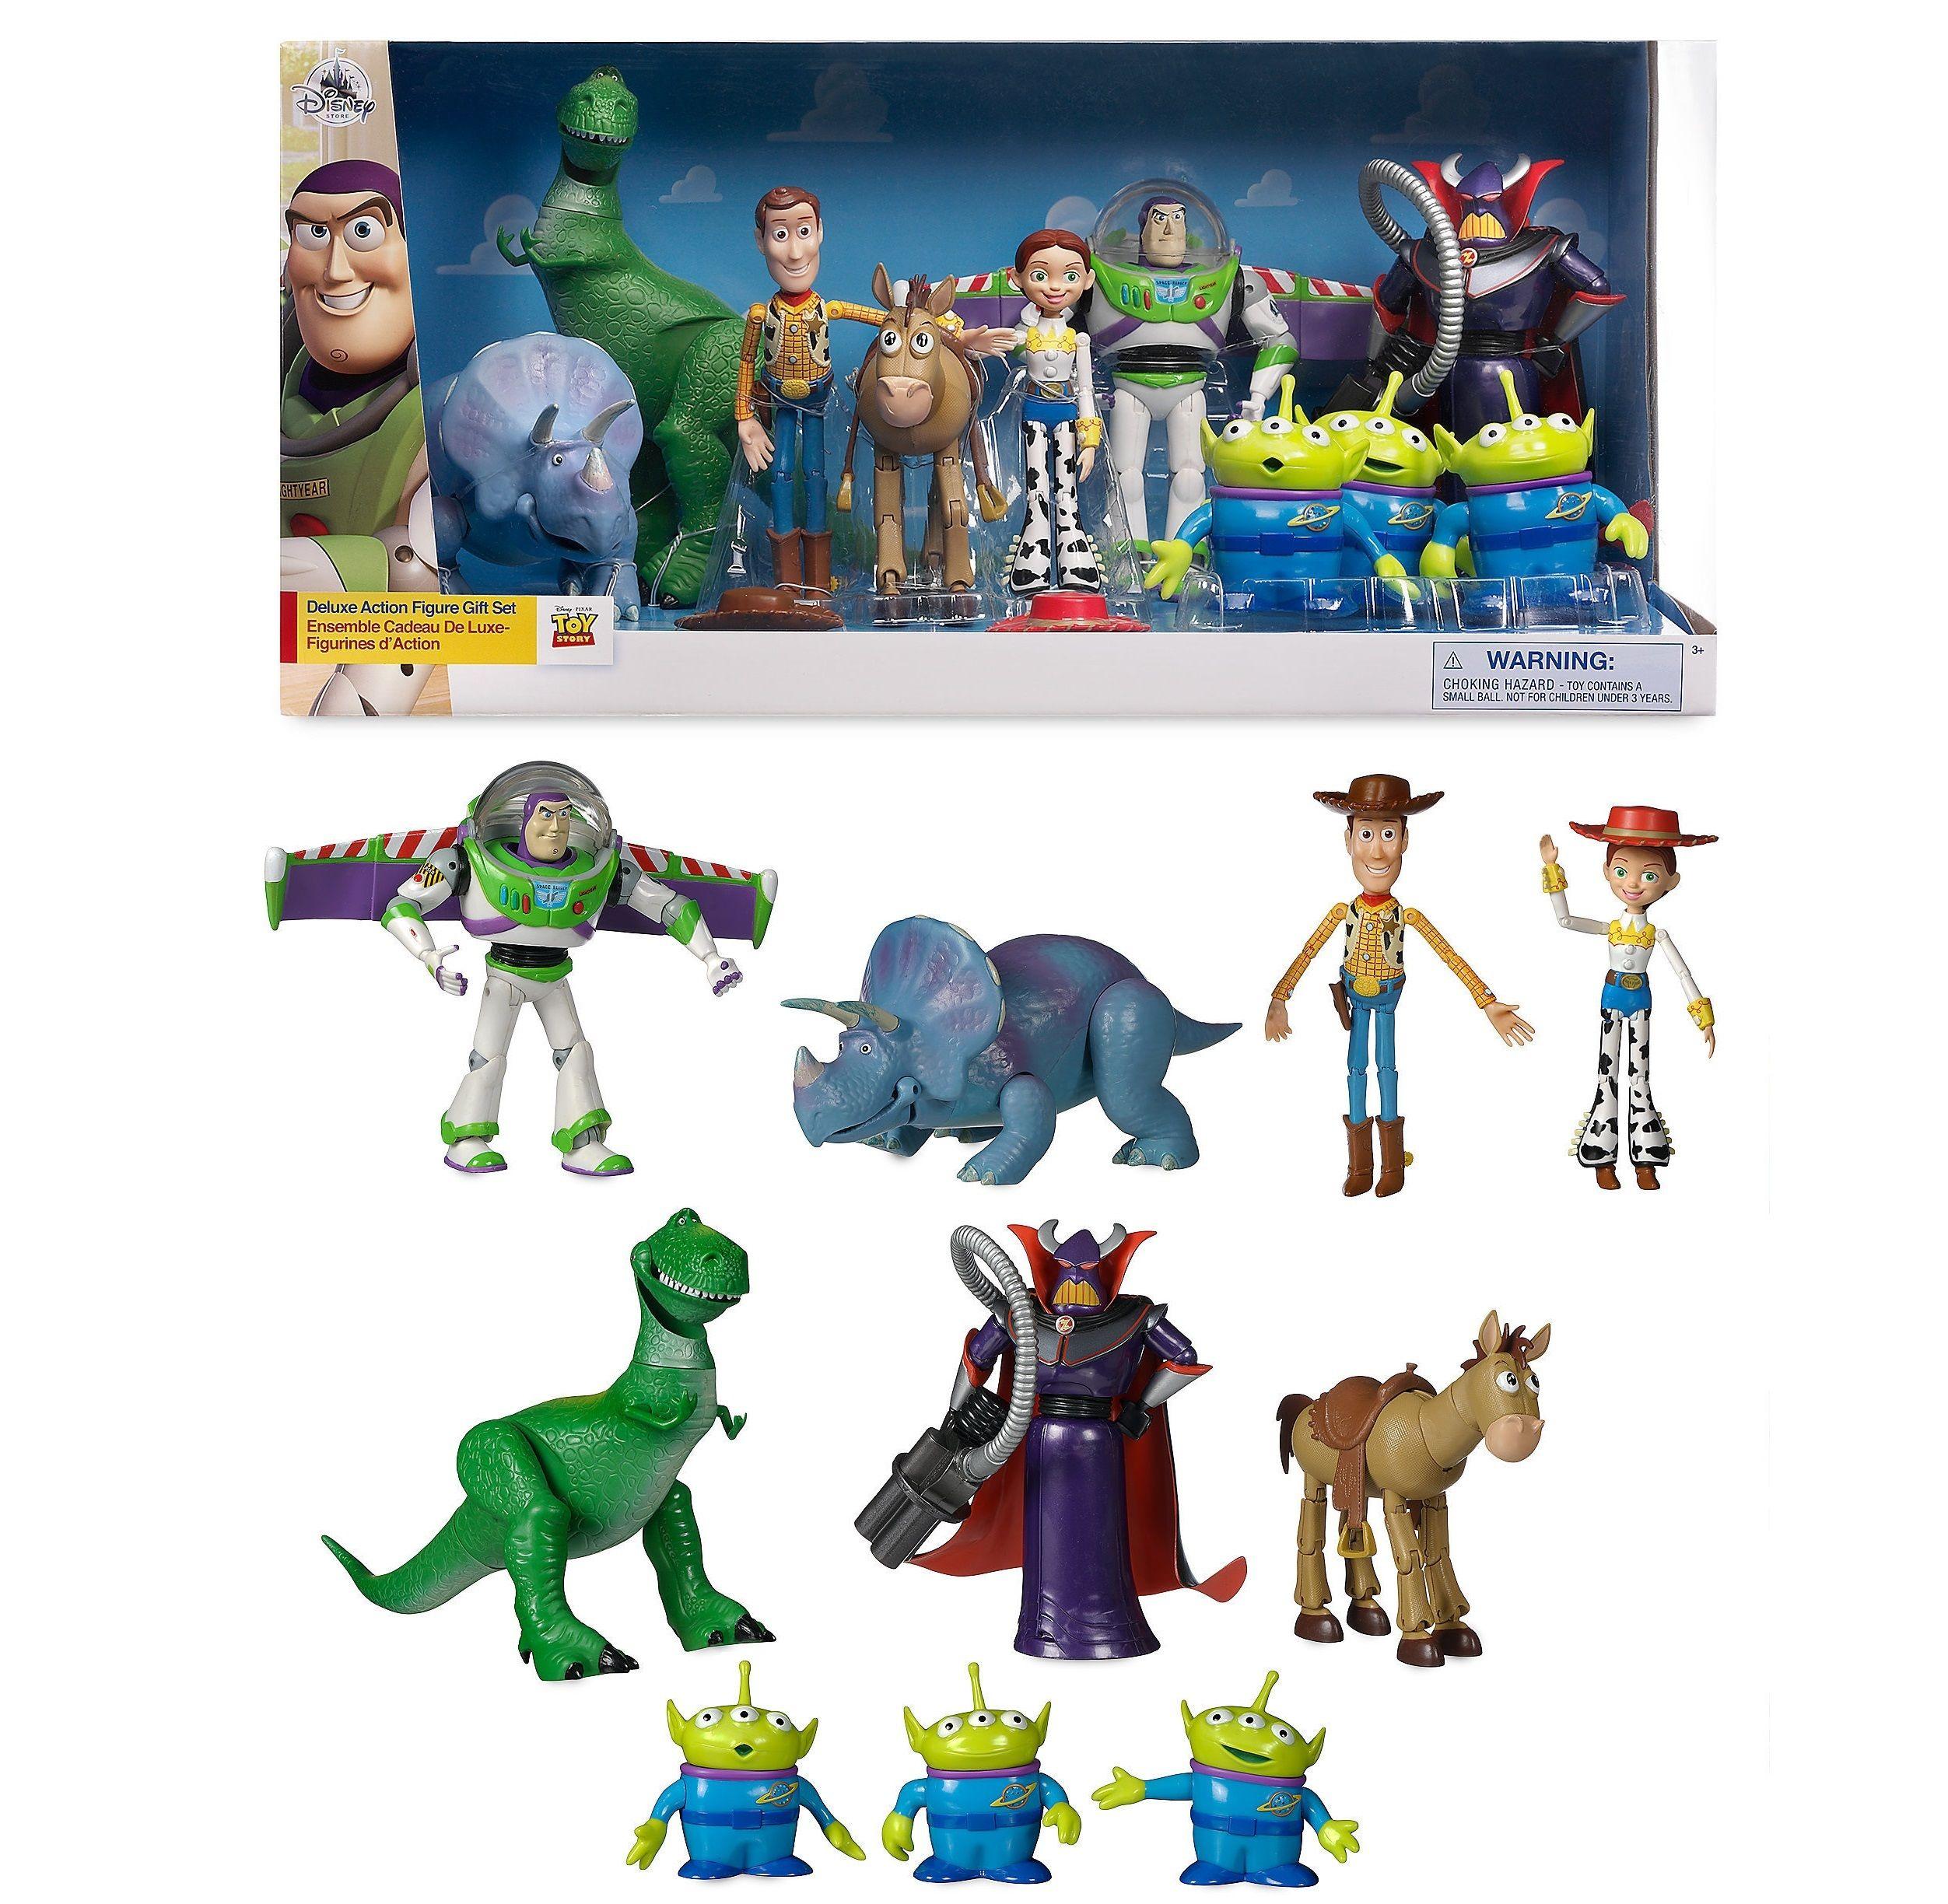 トイストーリー デラックス アクションフィギュア ギフトセット Toy Story Deluxe Action Figure Gift Set